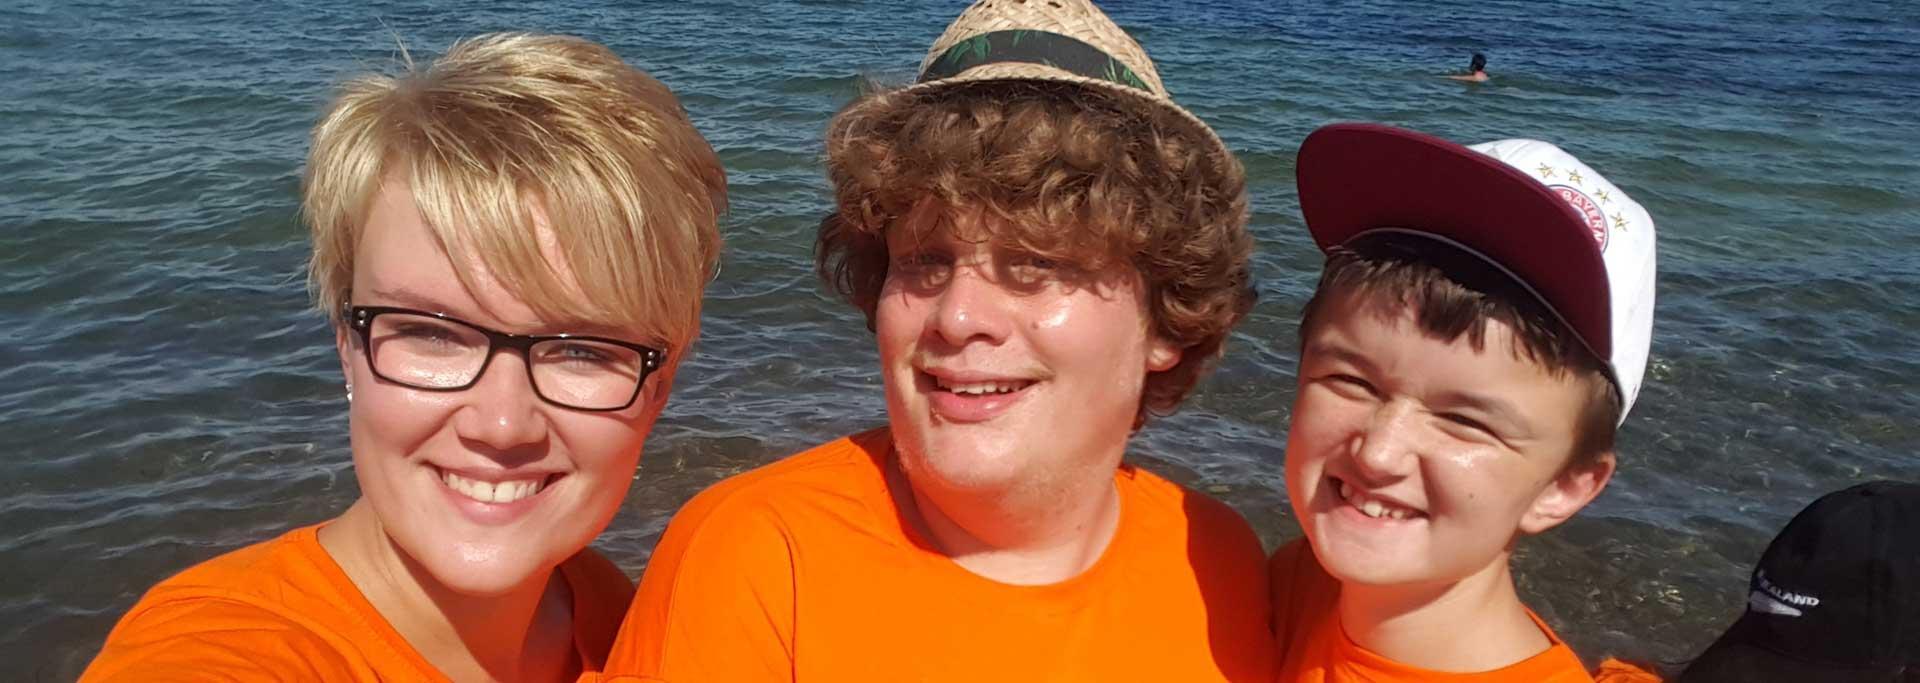 Reisen für Behinderte - Kinder- und Jugendreisen